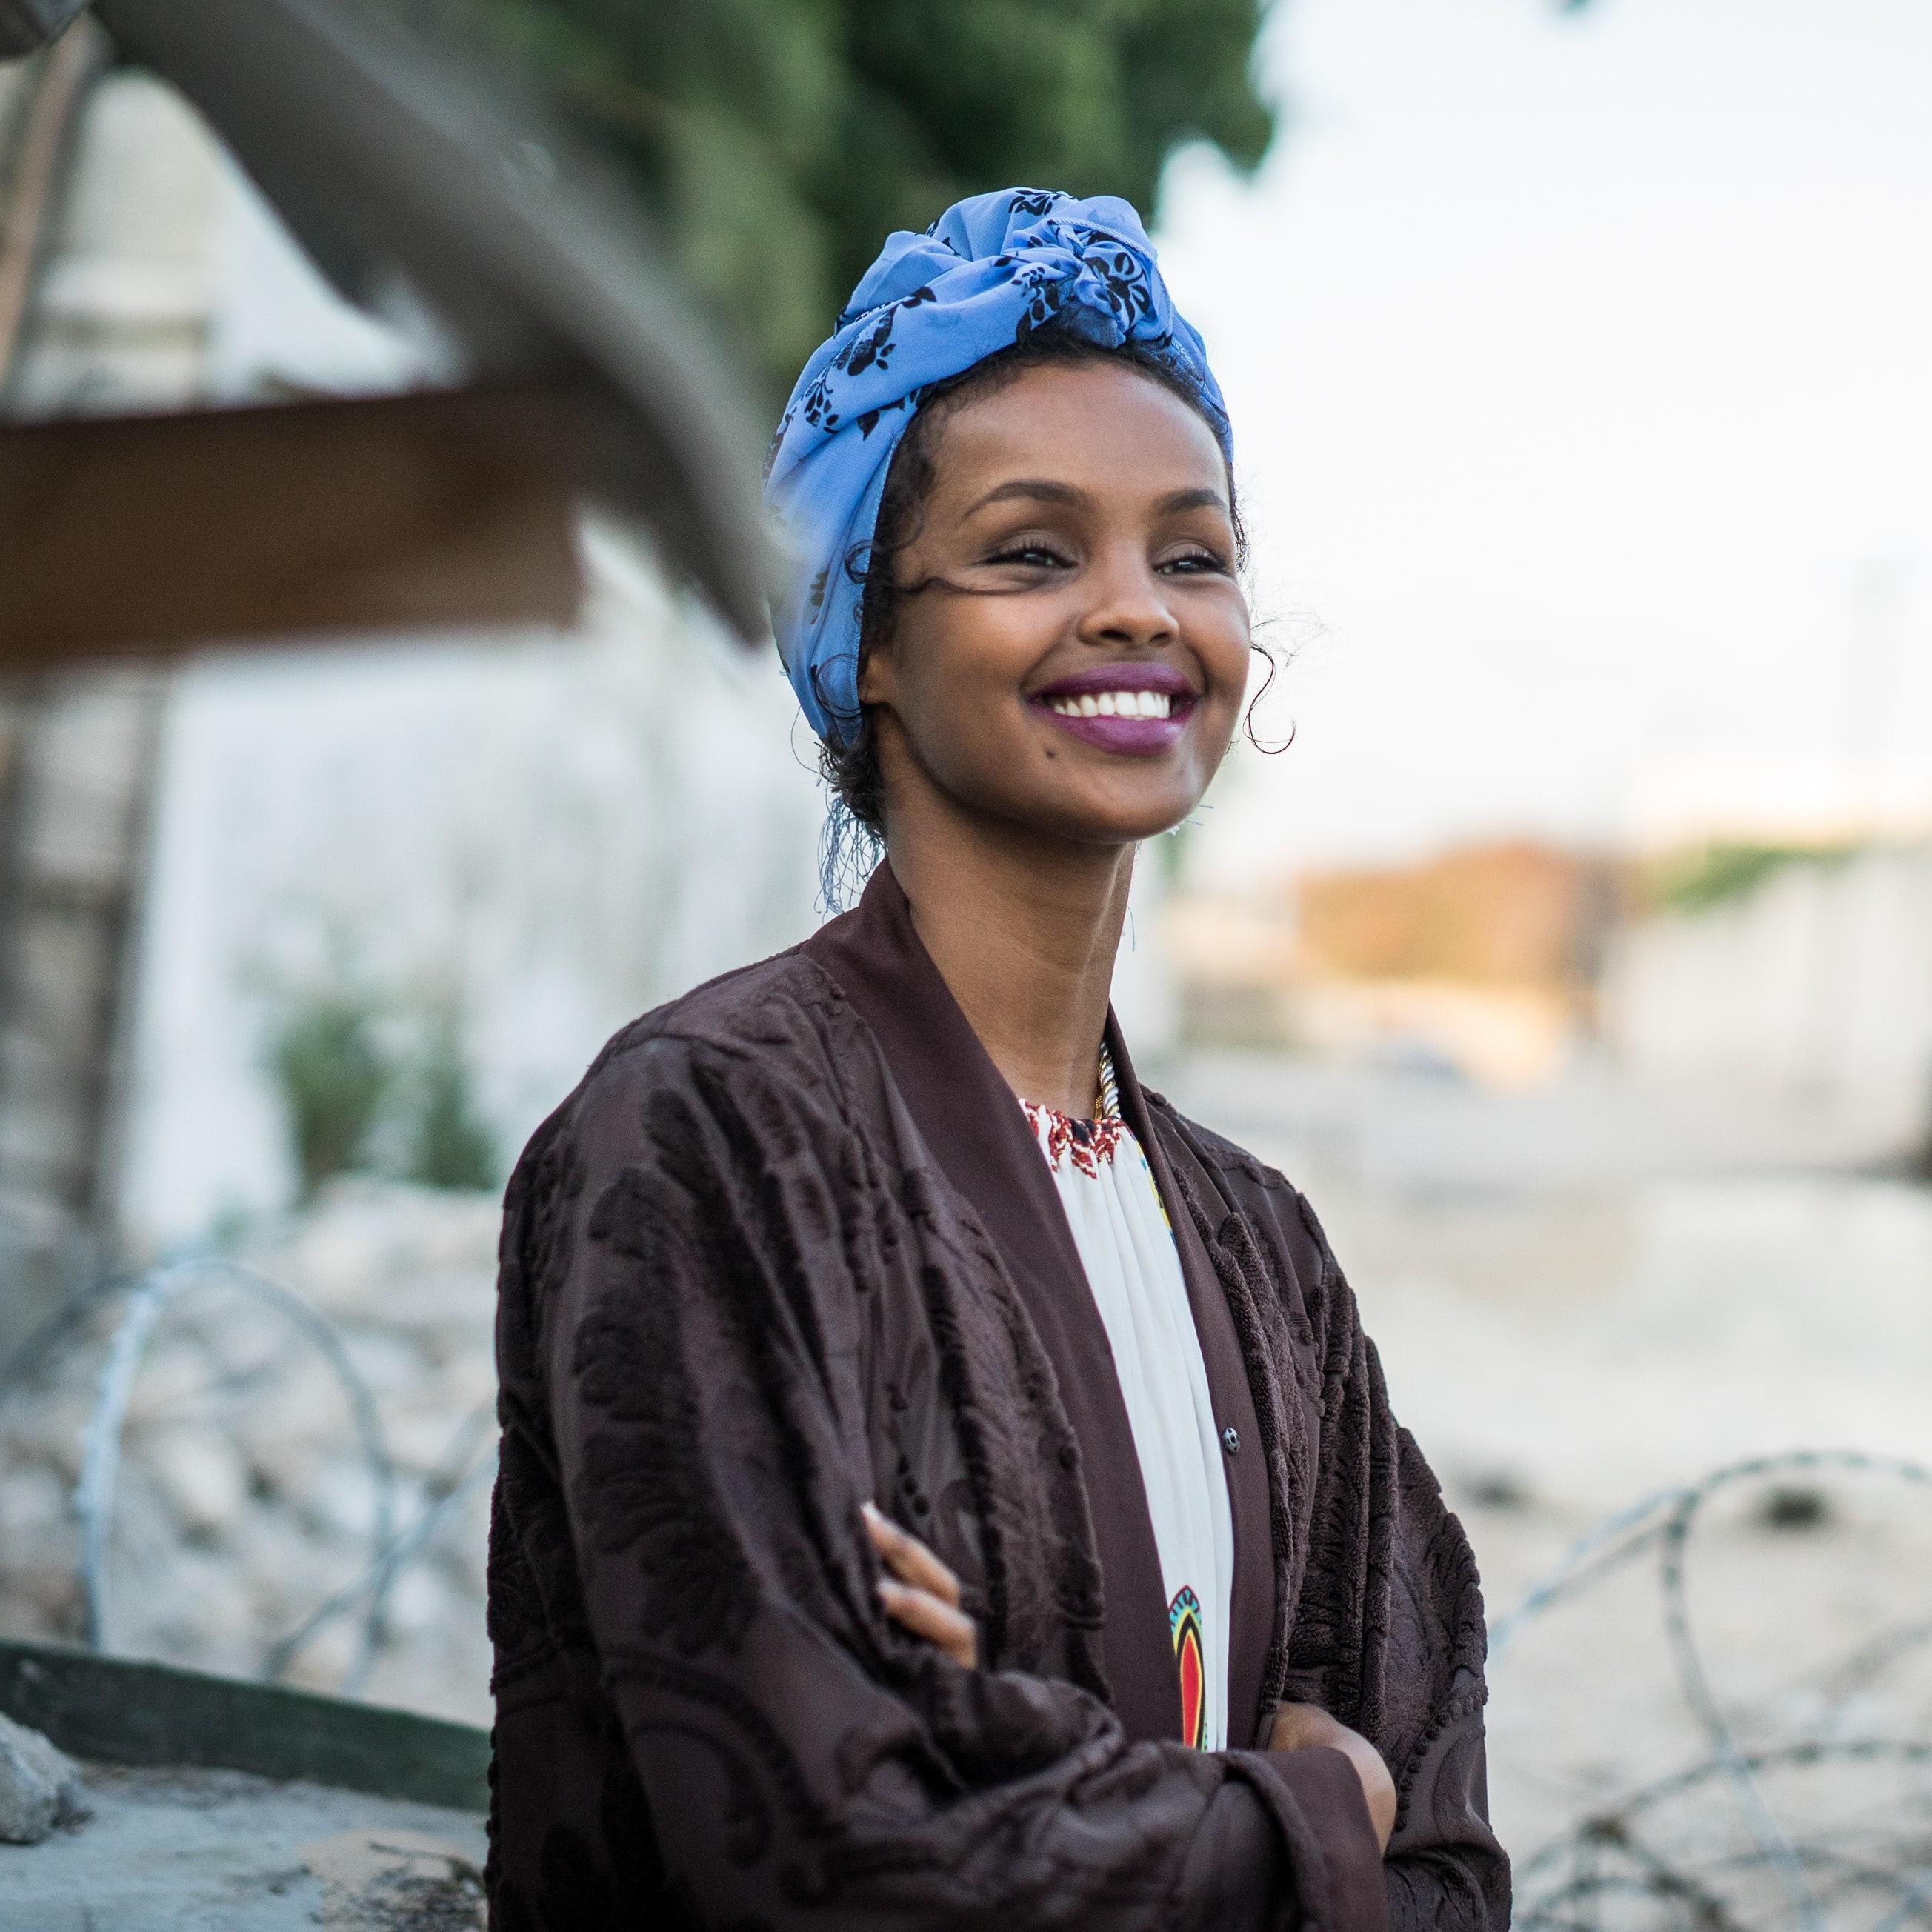 Ilwad Elman-Somalia